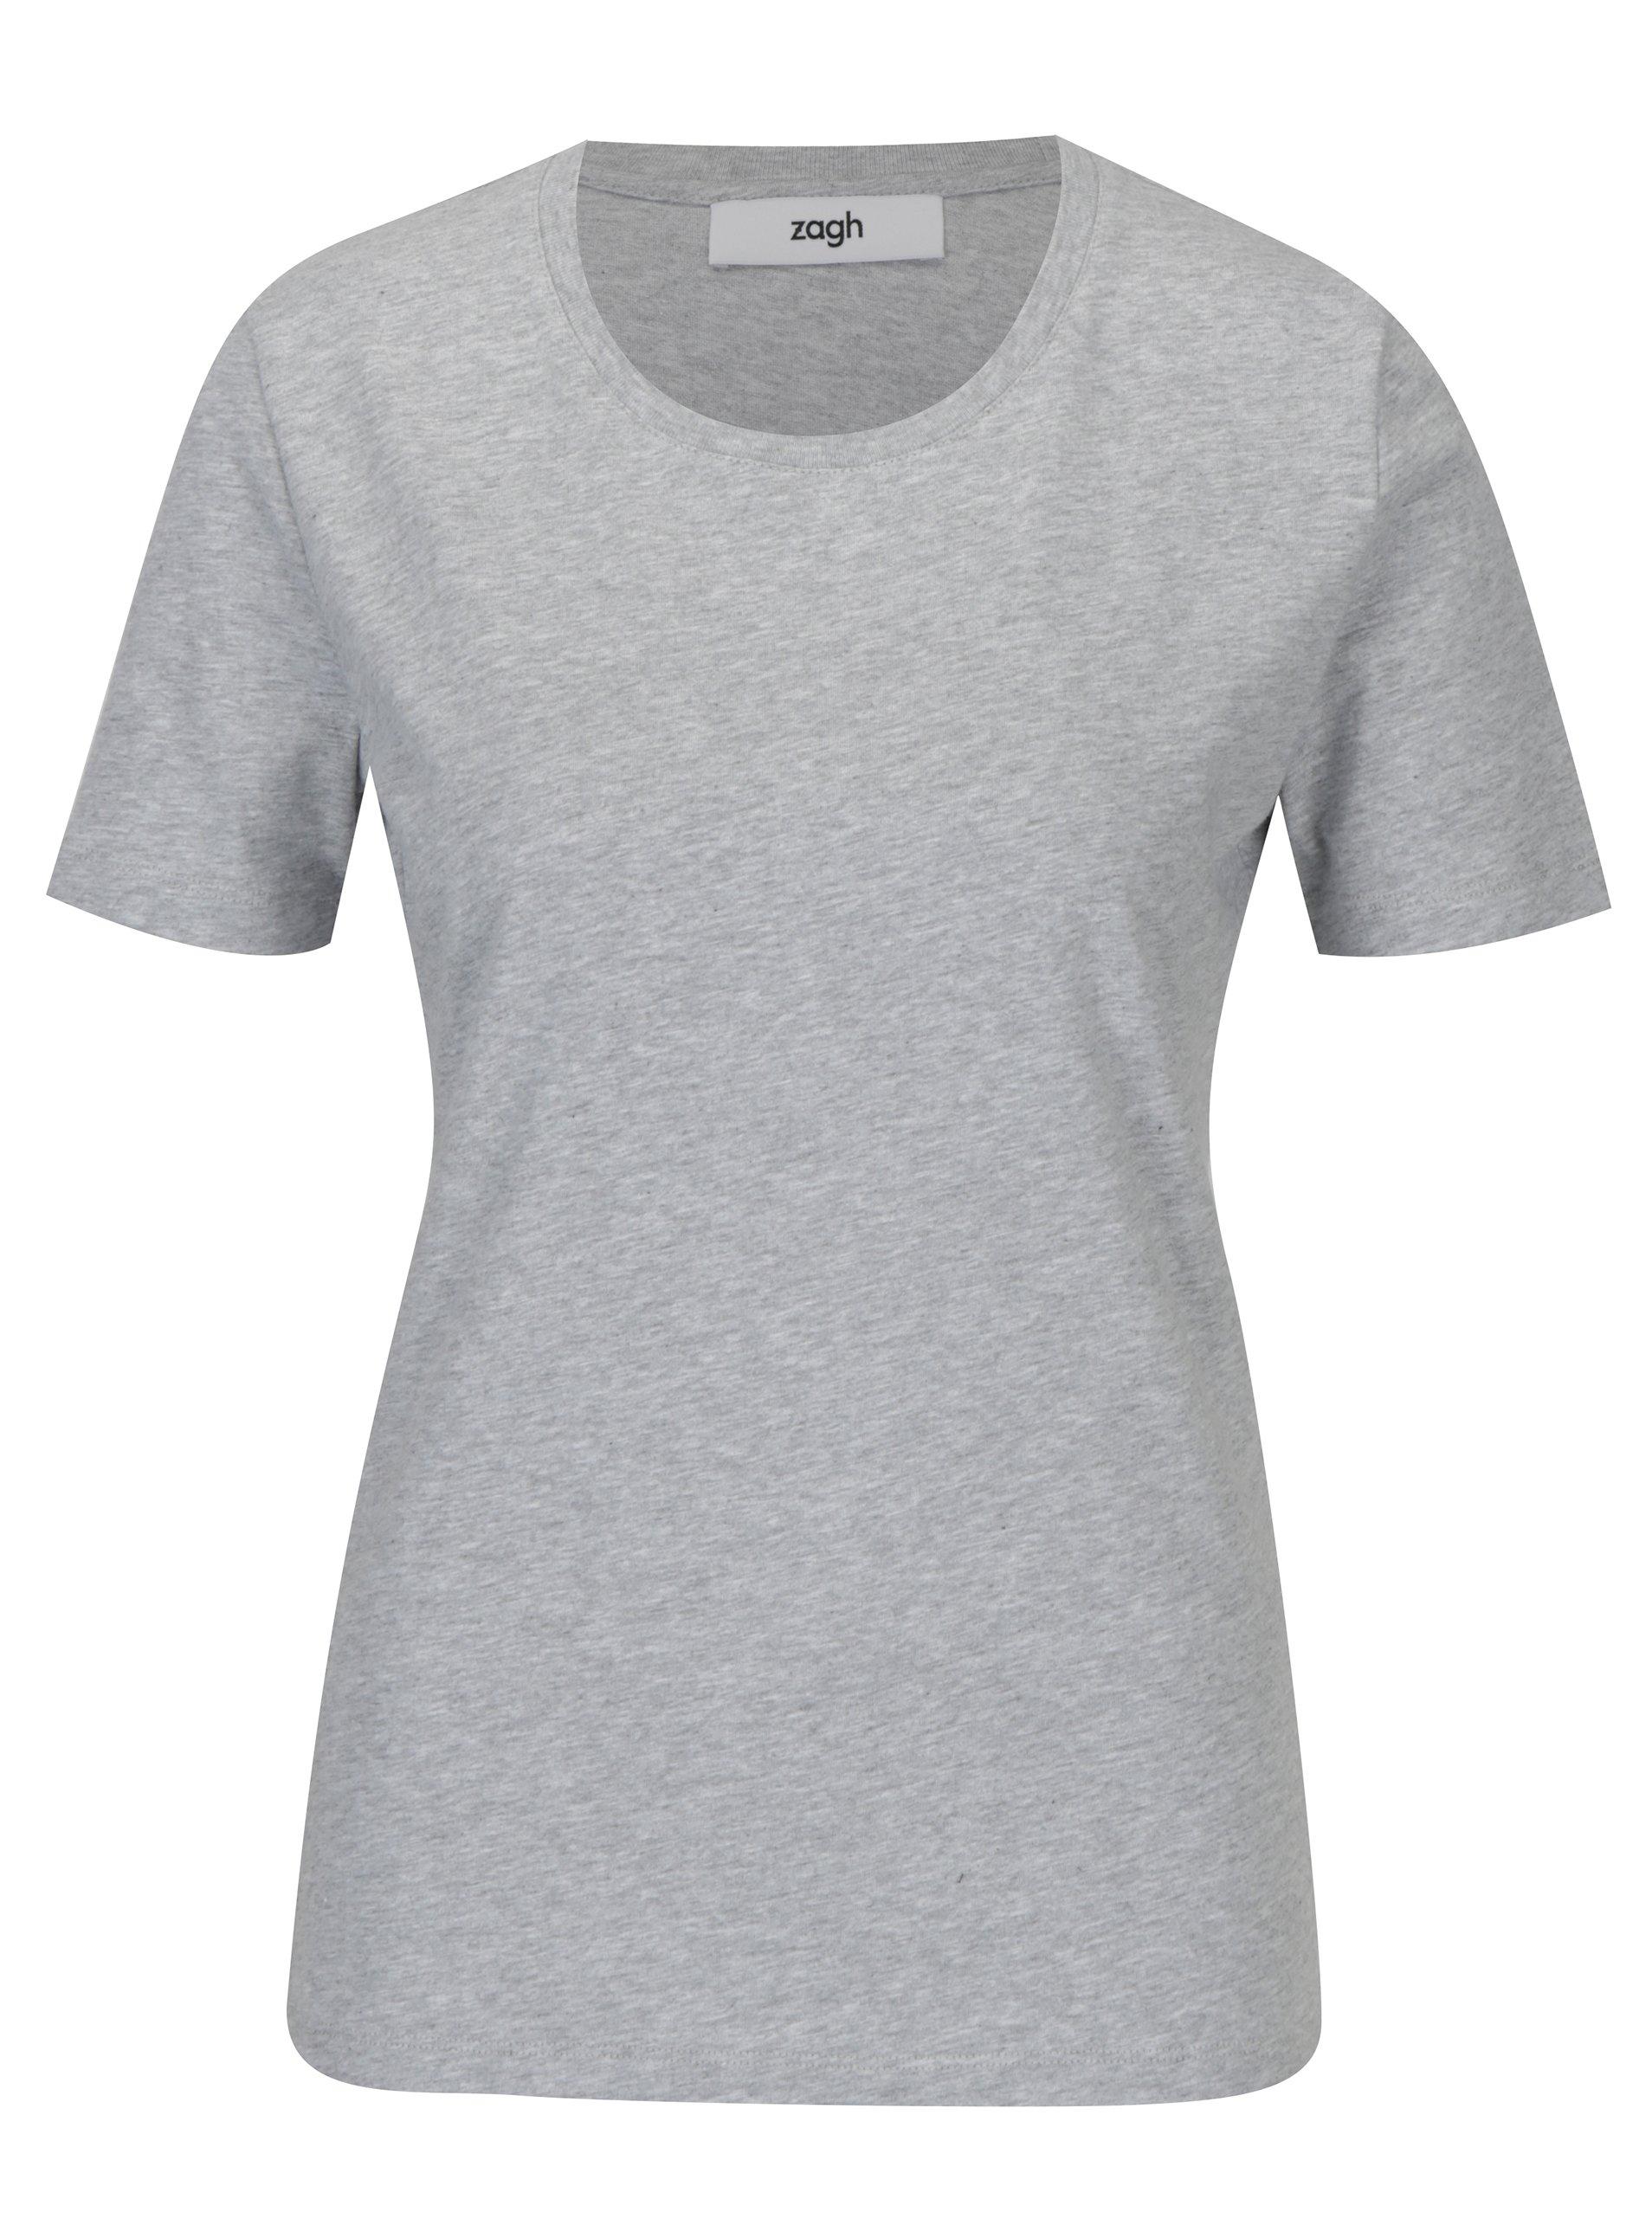 Šedé dámské tričko s kulatým výstřihem Zagh